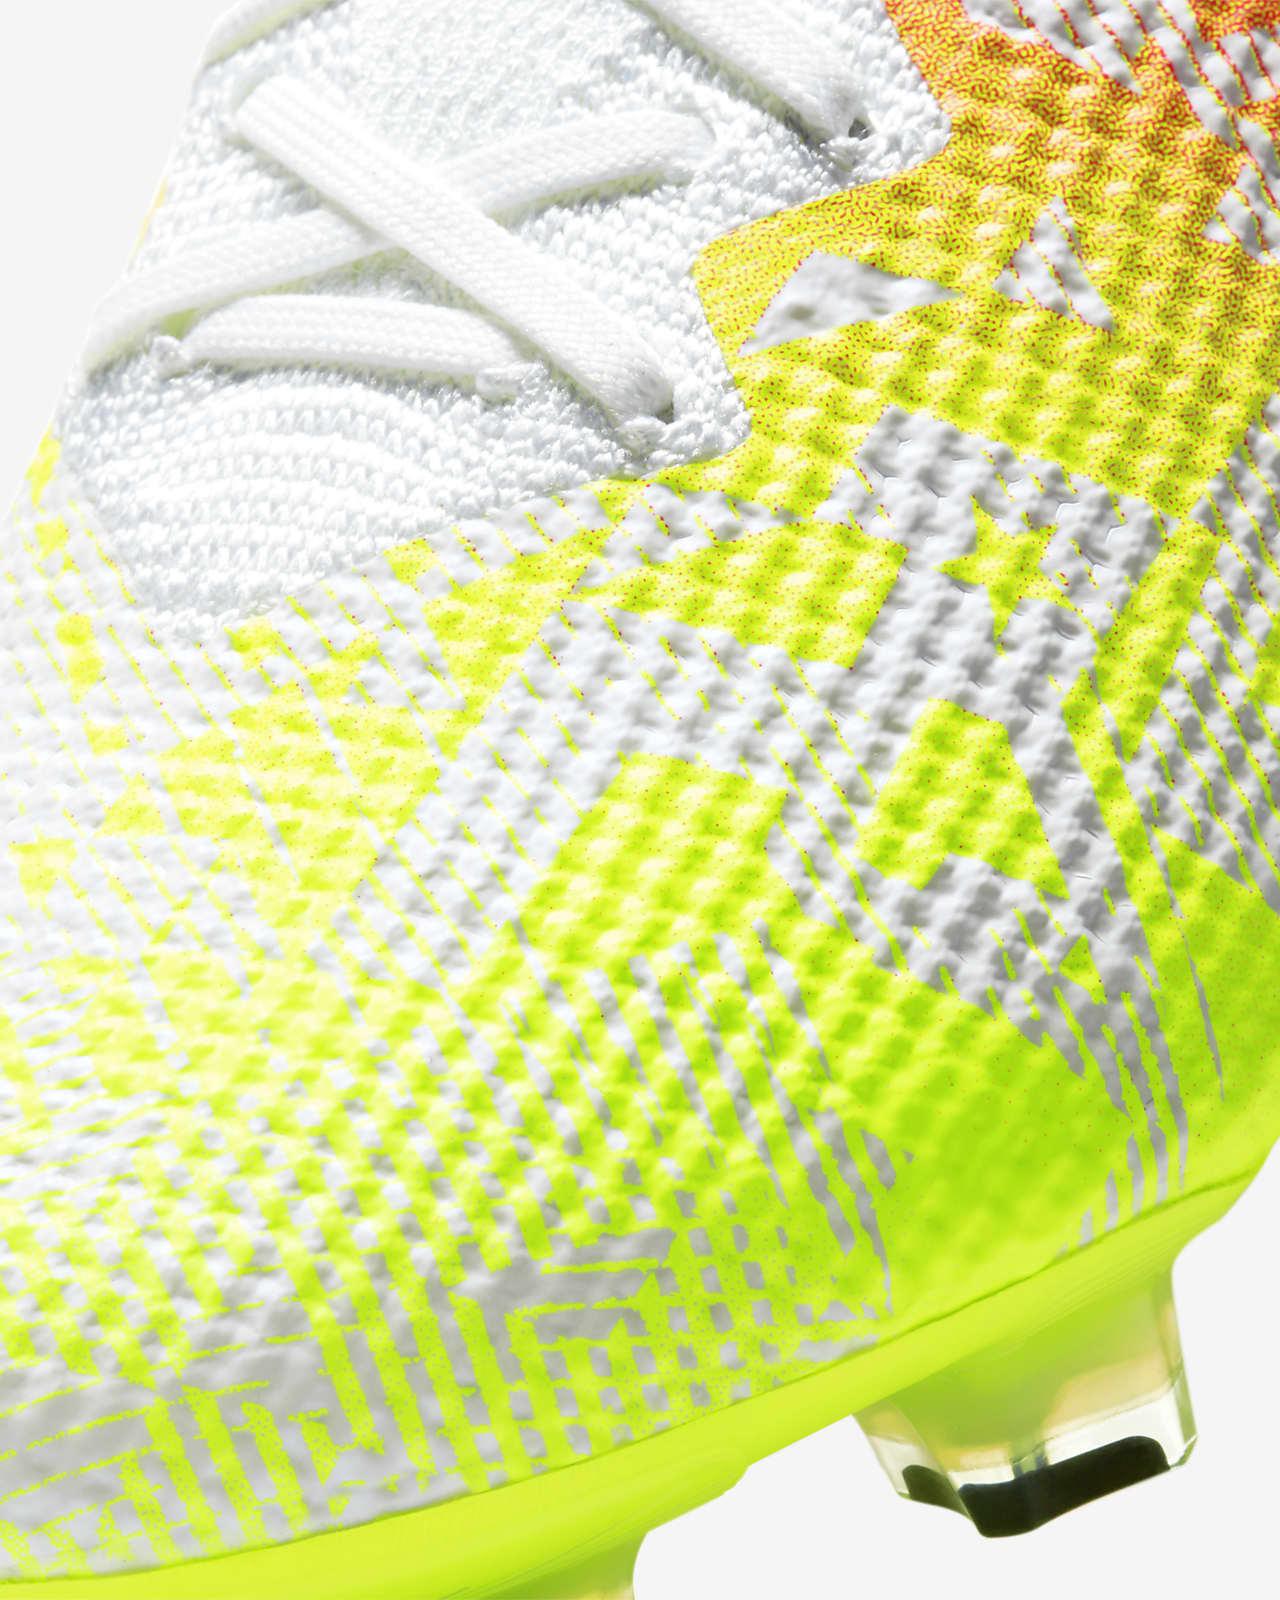 Chaussure de football à crampons pour terrain sec Nike Mercurial Vapor 13 Elite Neymar Jr. FG